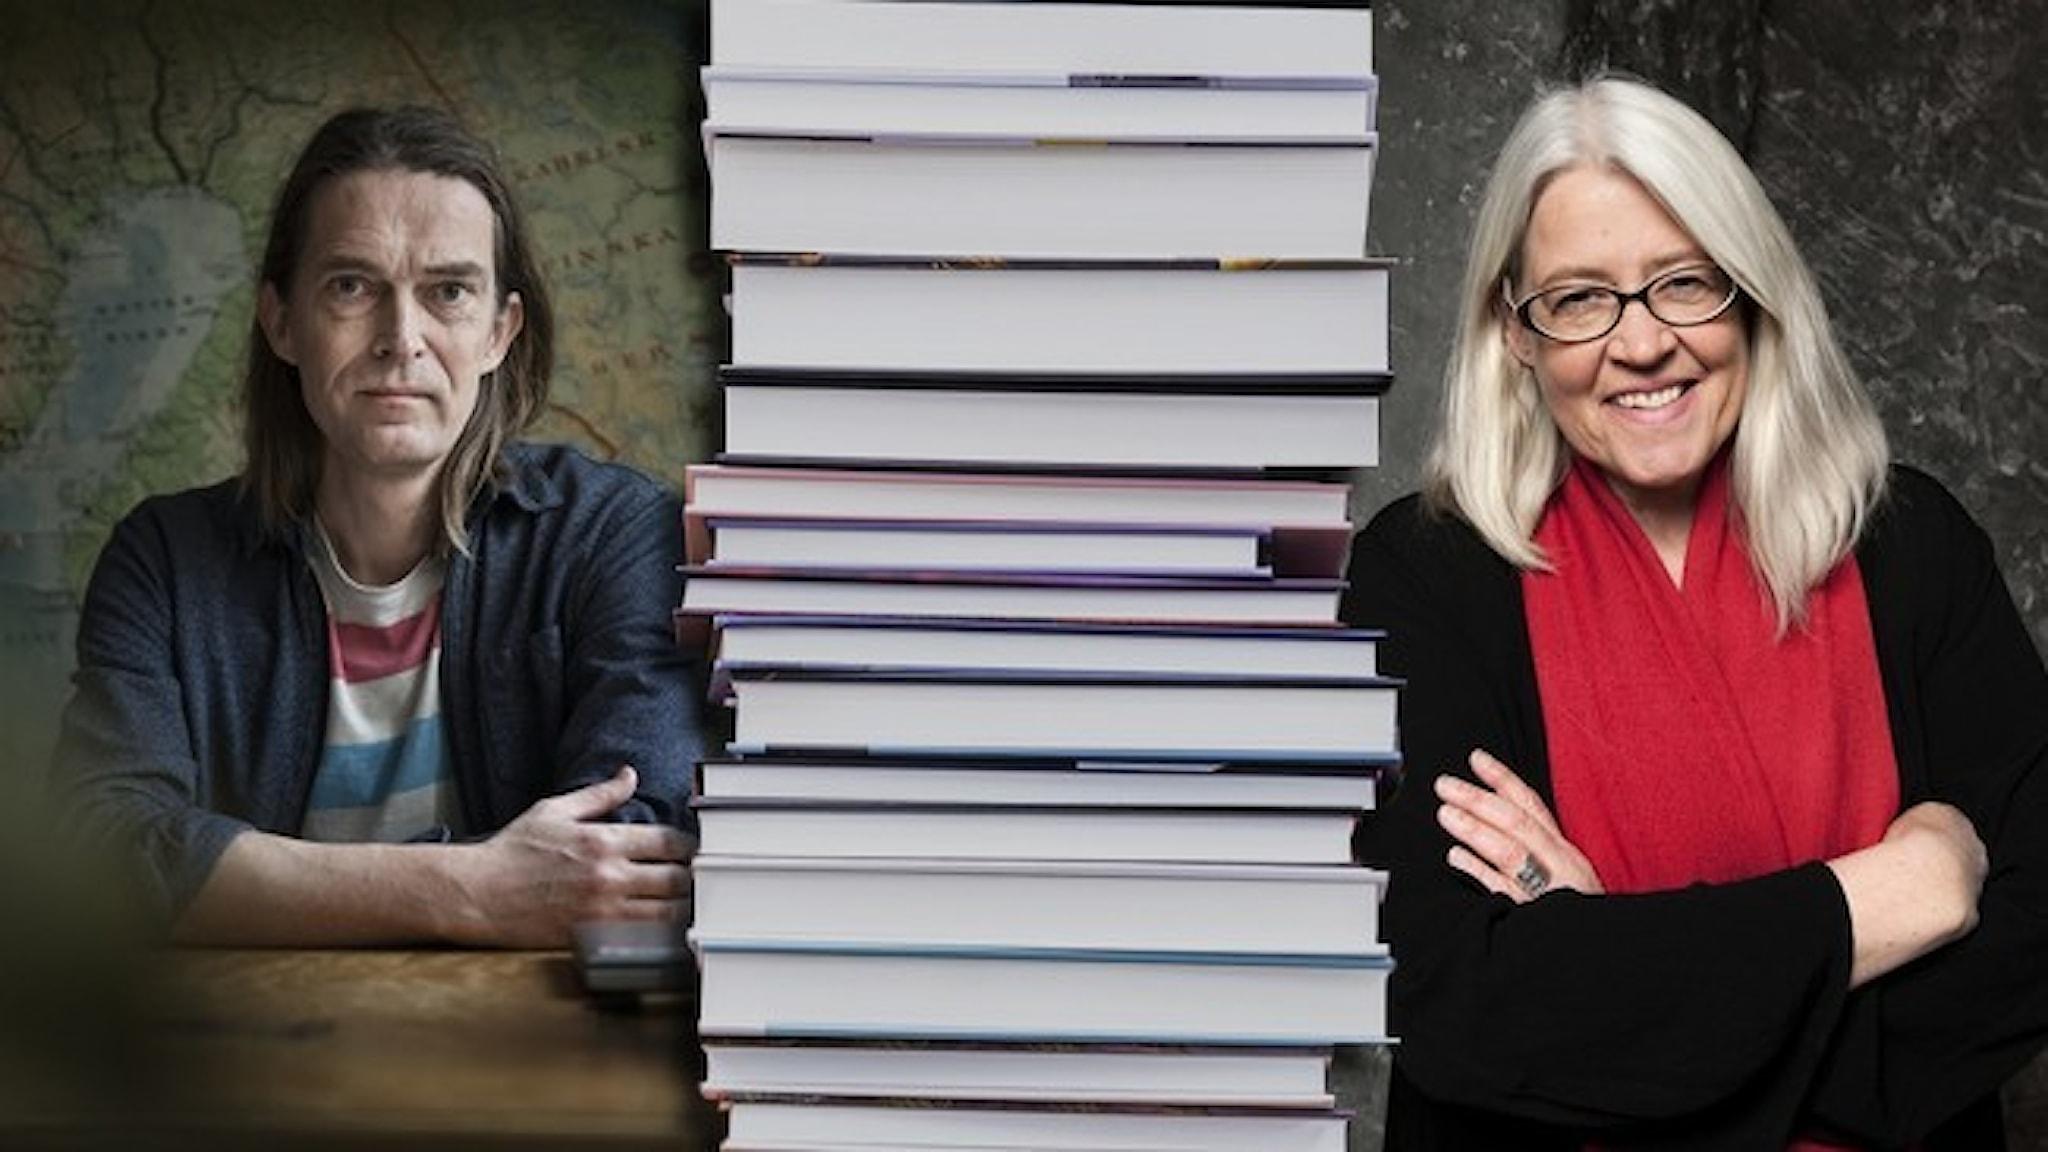 Porträtt av författarna Anders Johansson och Ulrika Knutson. Emellan dem finns en boktrave infälld.